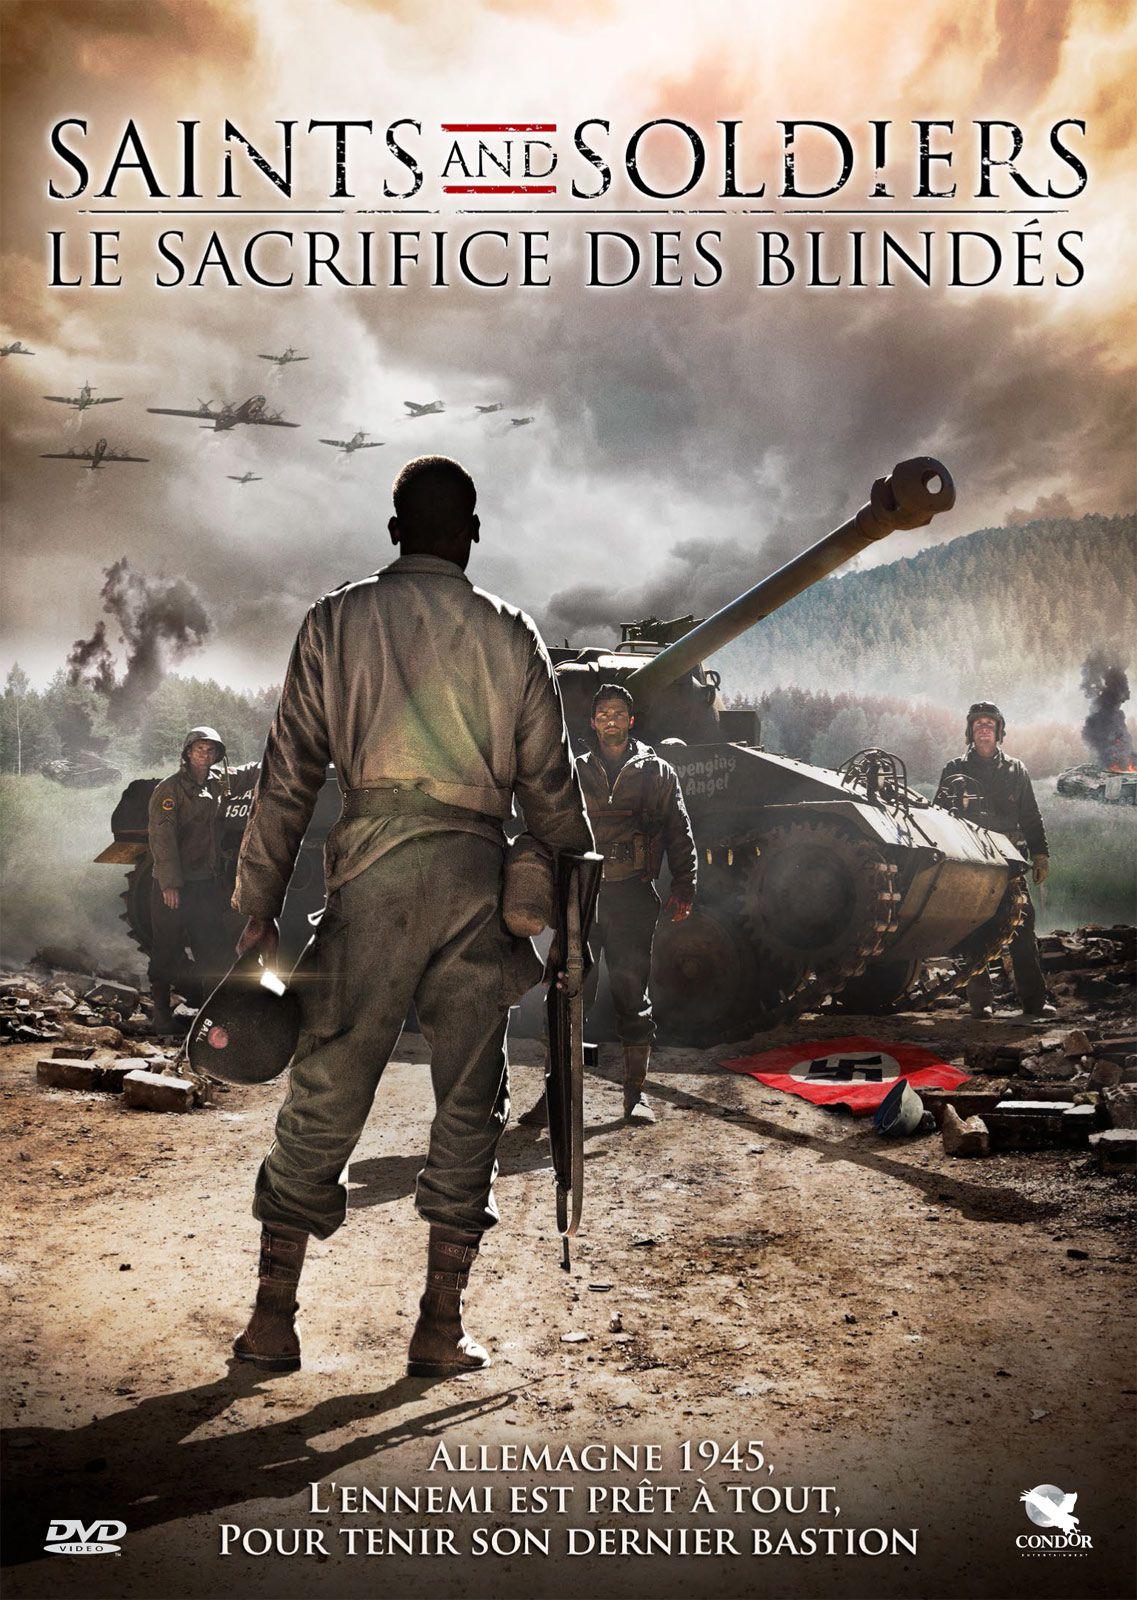 Saints and Soldiers : Le Sacrifice des blindés - Film (2014)